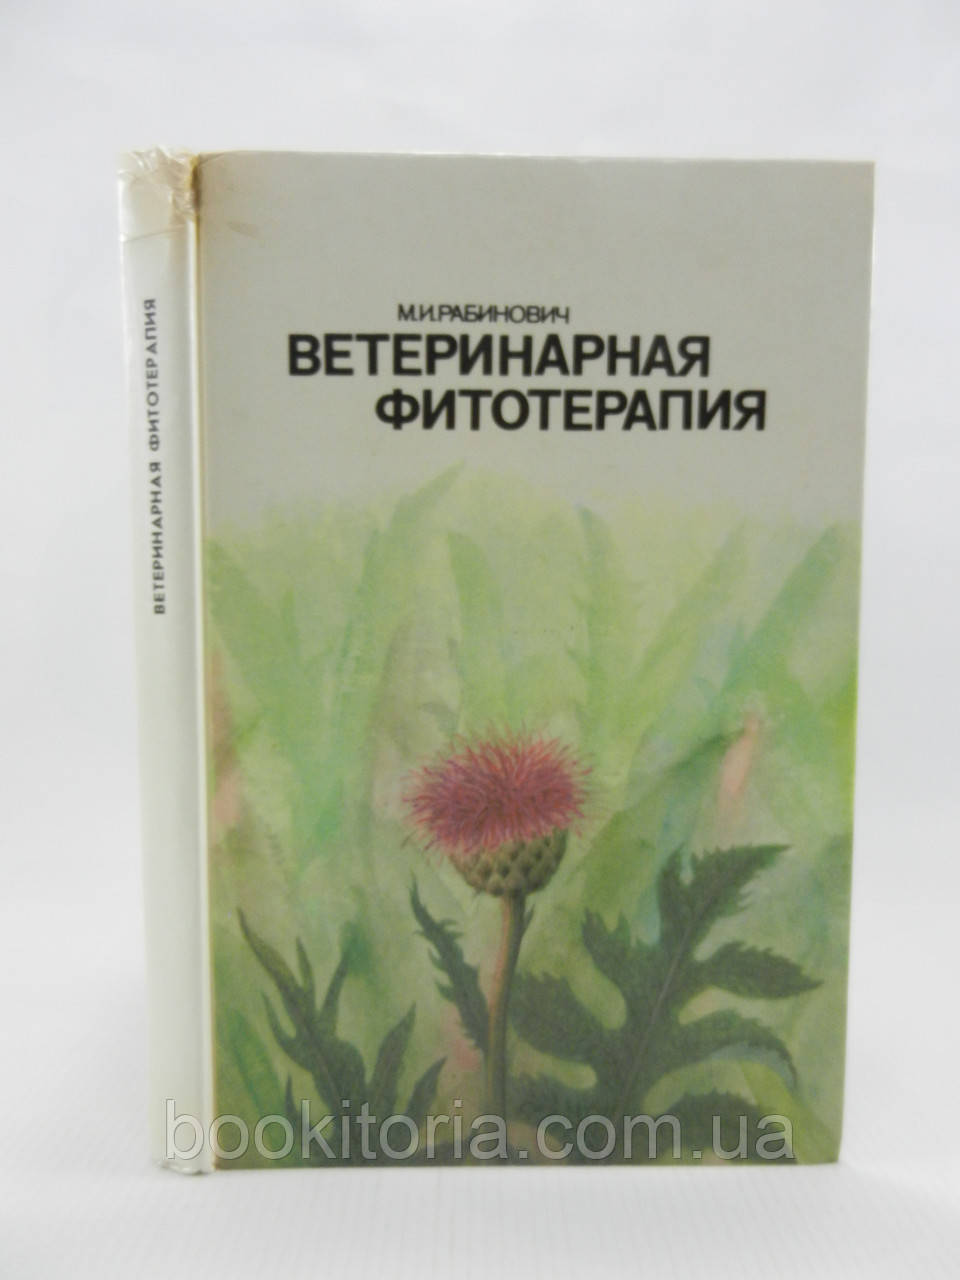 Рабинович М. Ветеринарная фитотерапия (б/у).